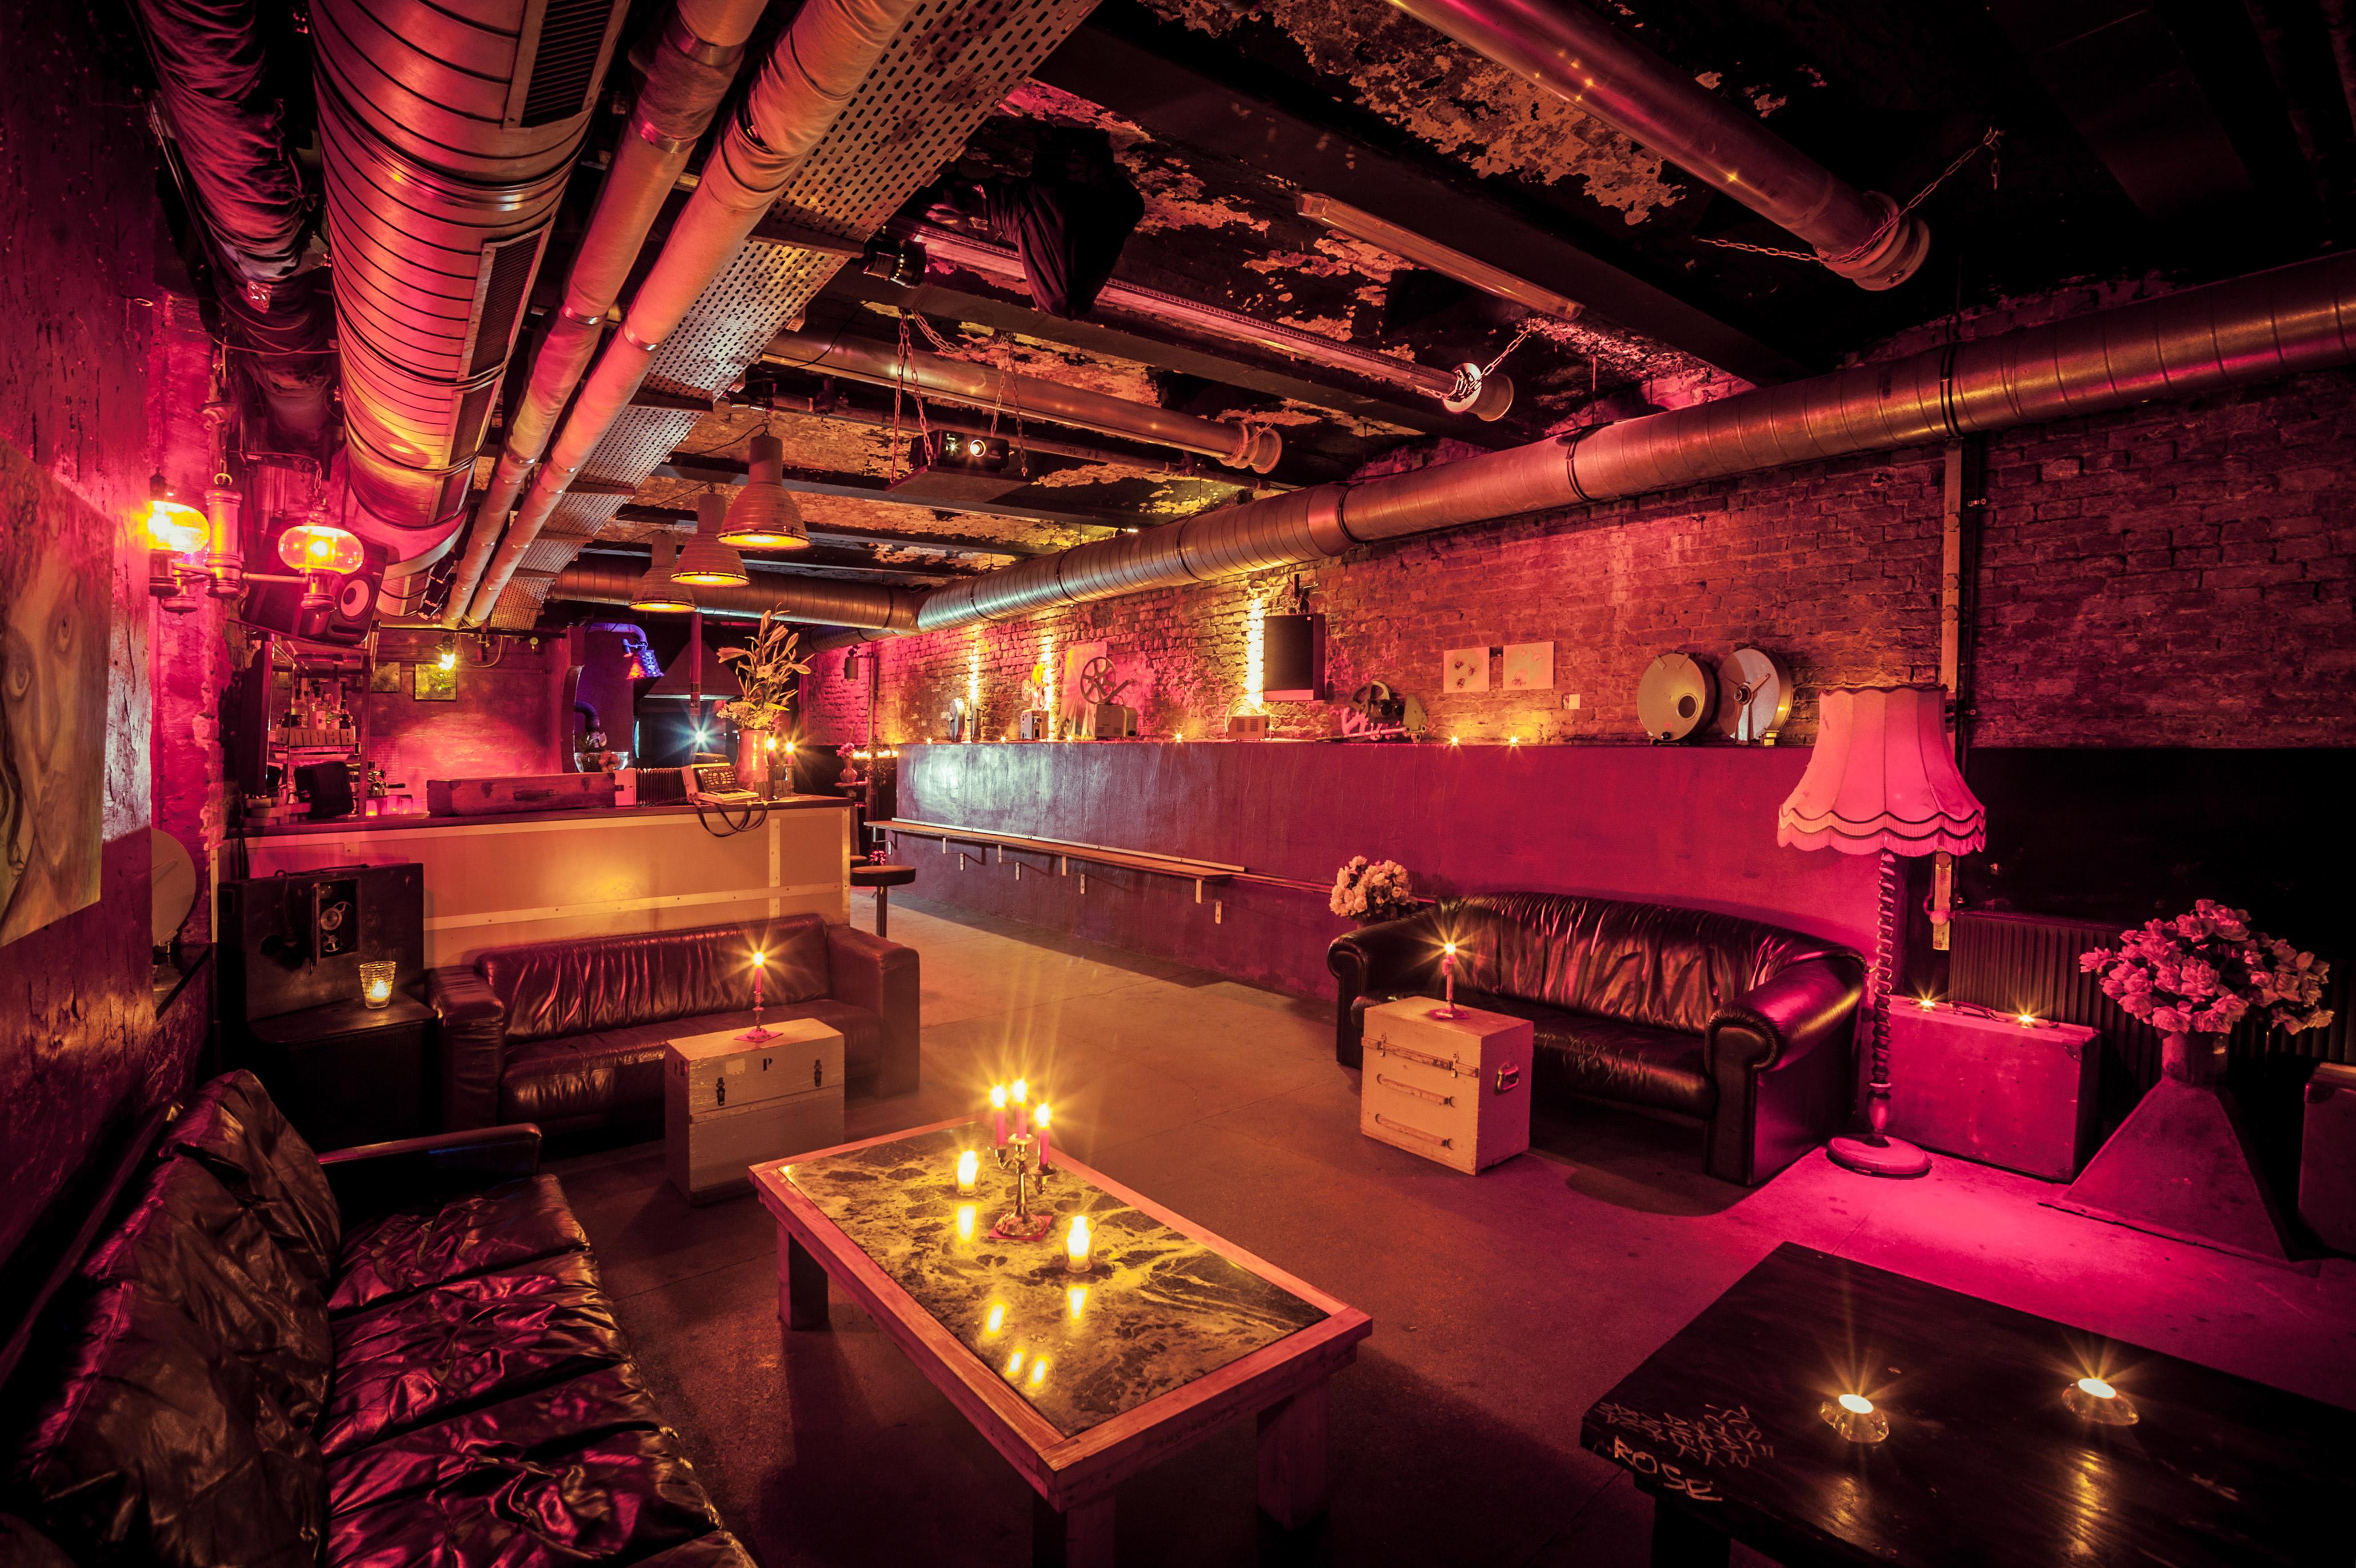 70 hiphop wohnzimmer berlin brand nu oldskool for Wohnzimmer bar berlin